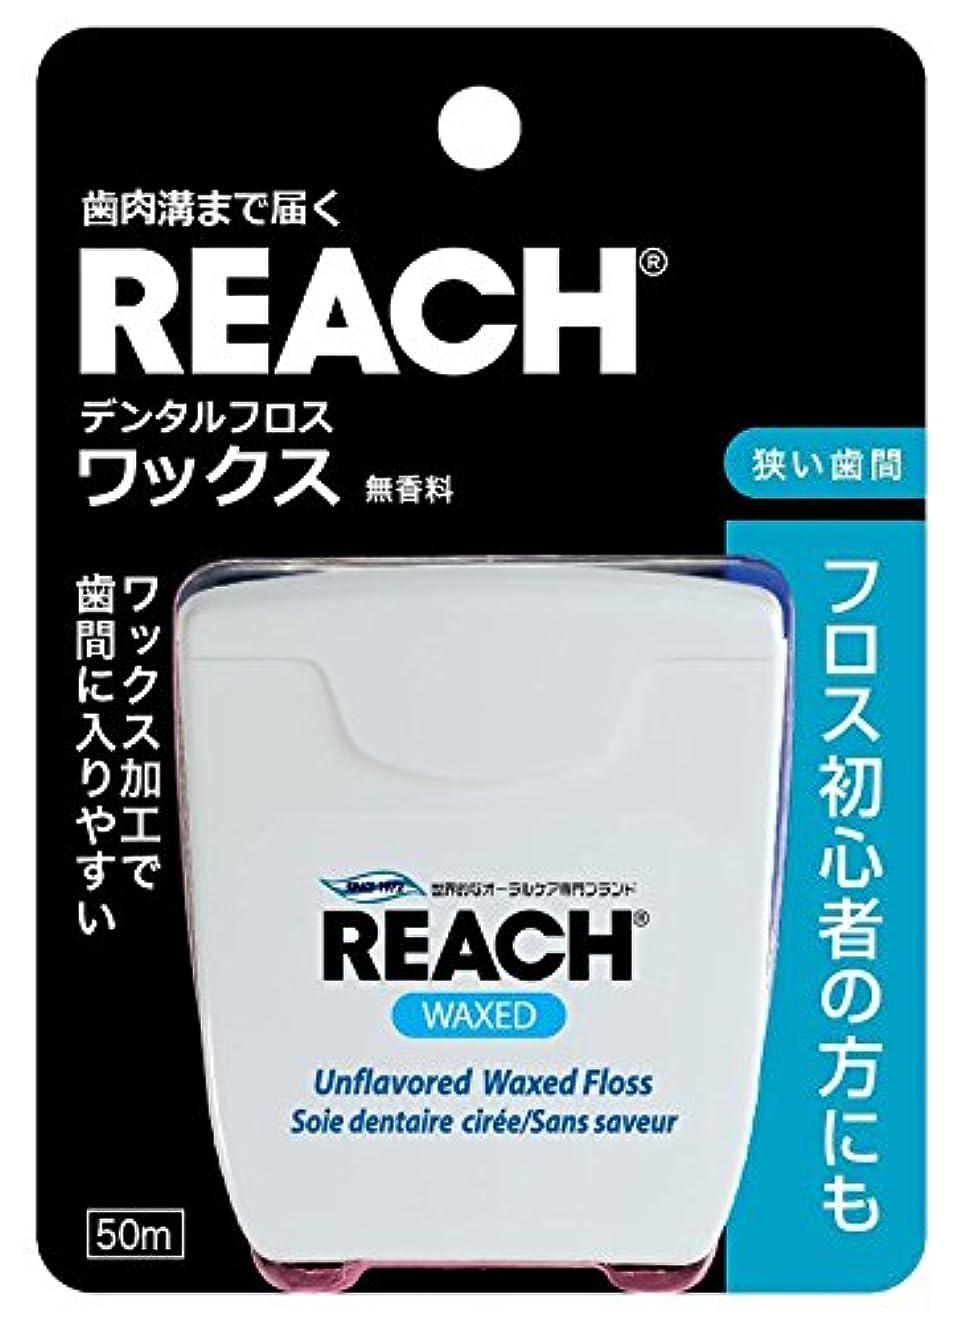 フレームワーク放棄する商業のREACH(リーチ) リーチデンタルフロス ワックス 50M 単品